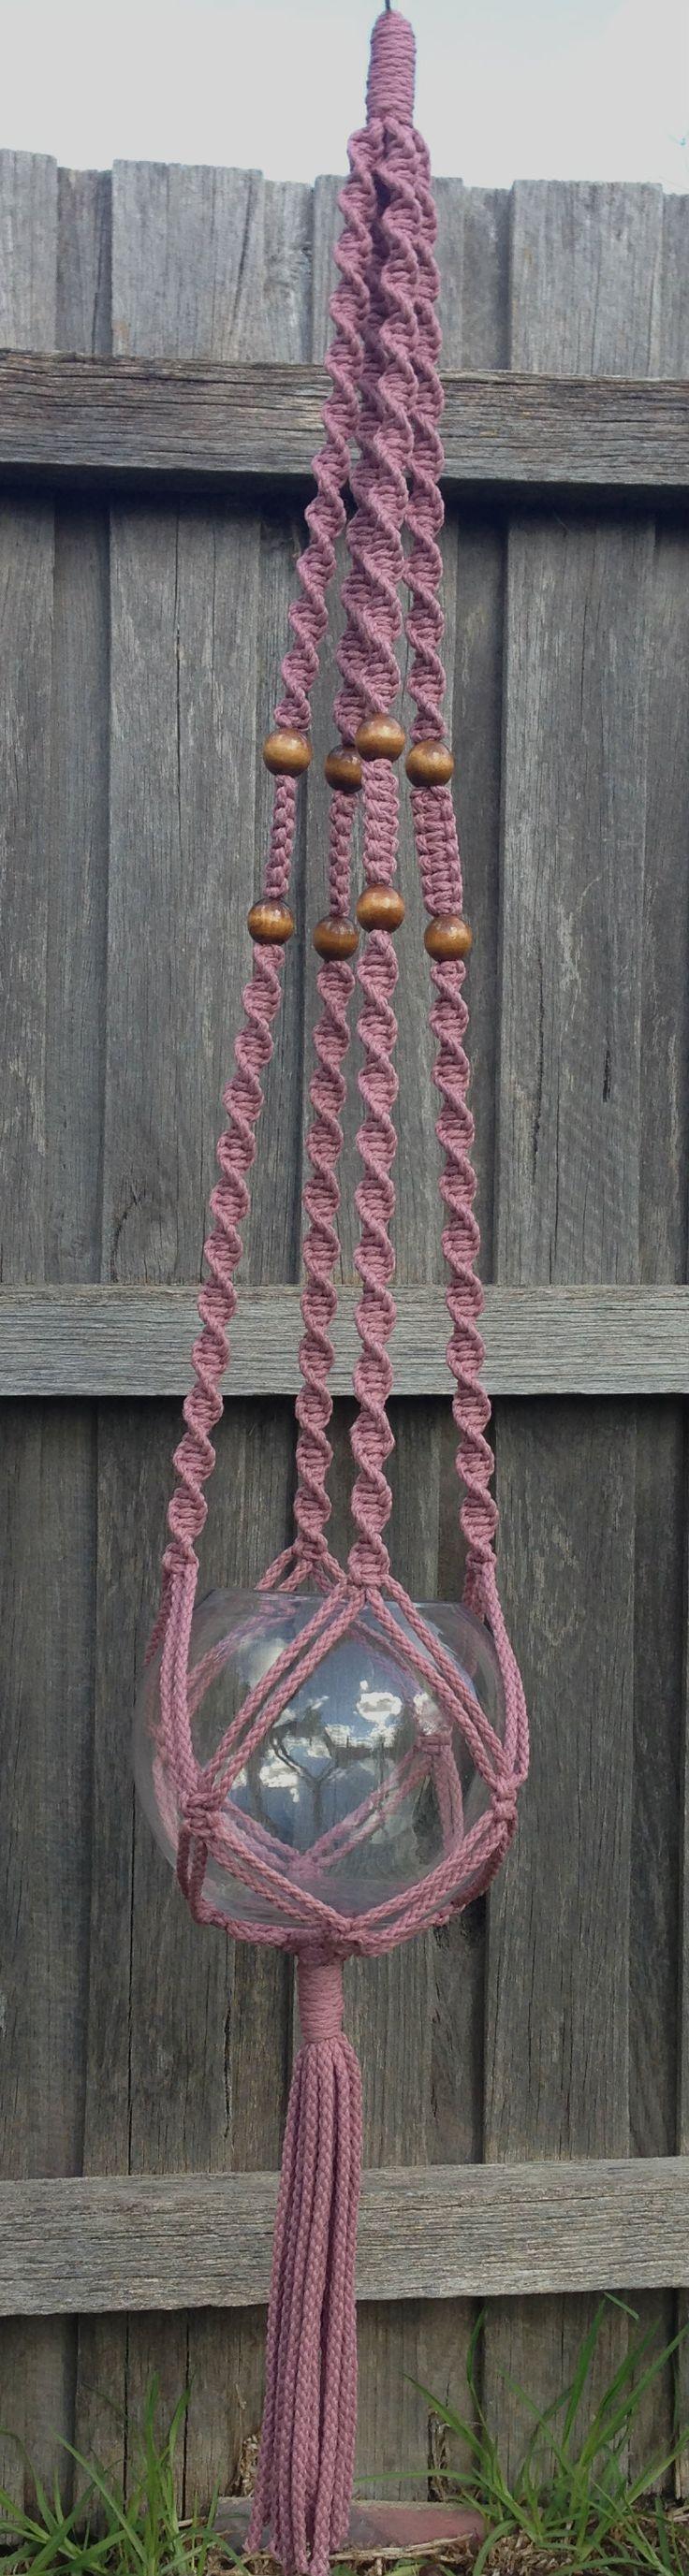 Macramé Hanging Basket - Teaberry www.knotsandbrushes.com.au